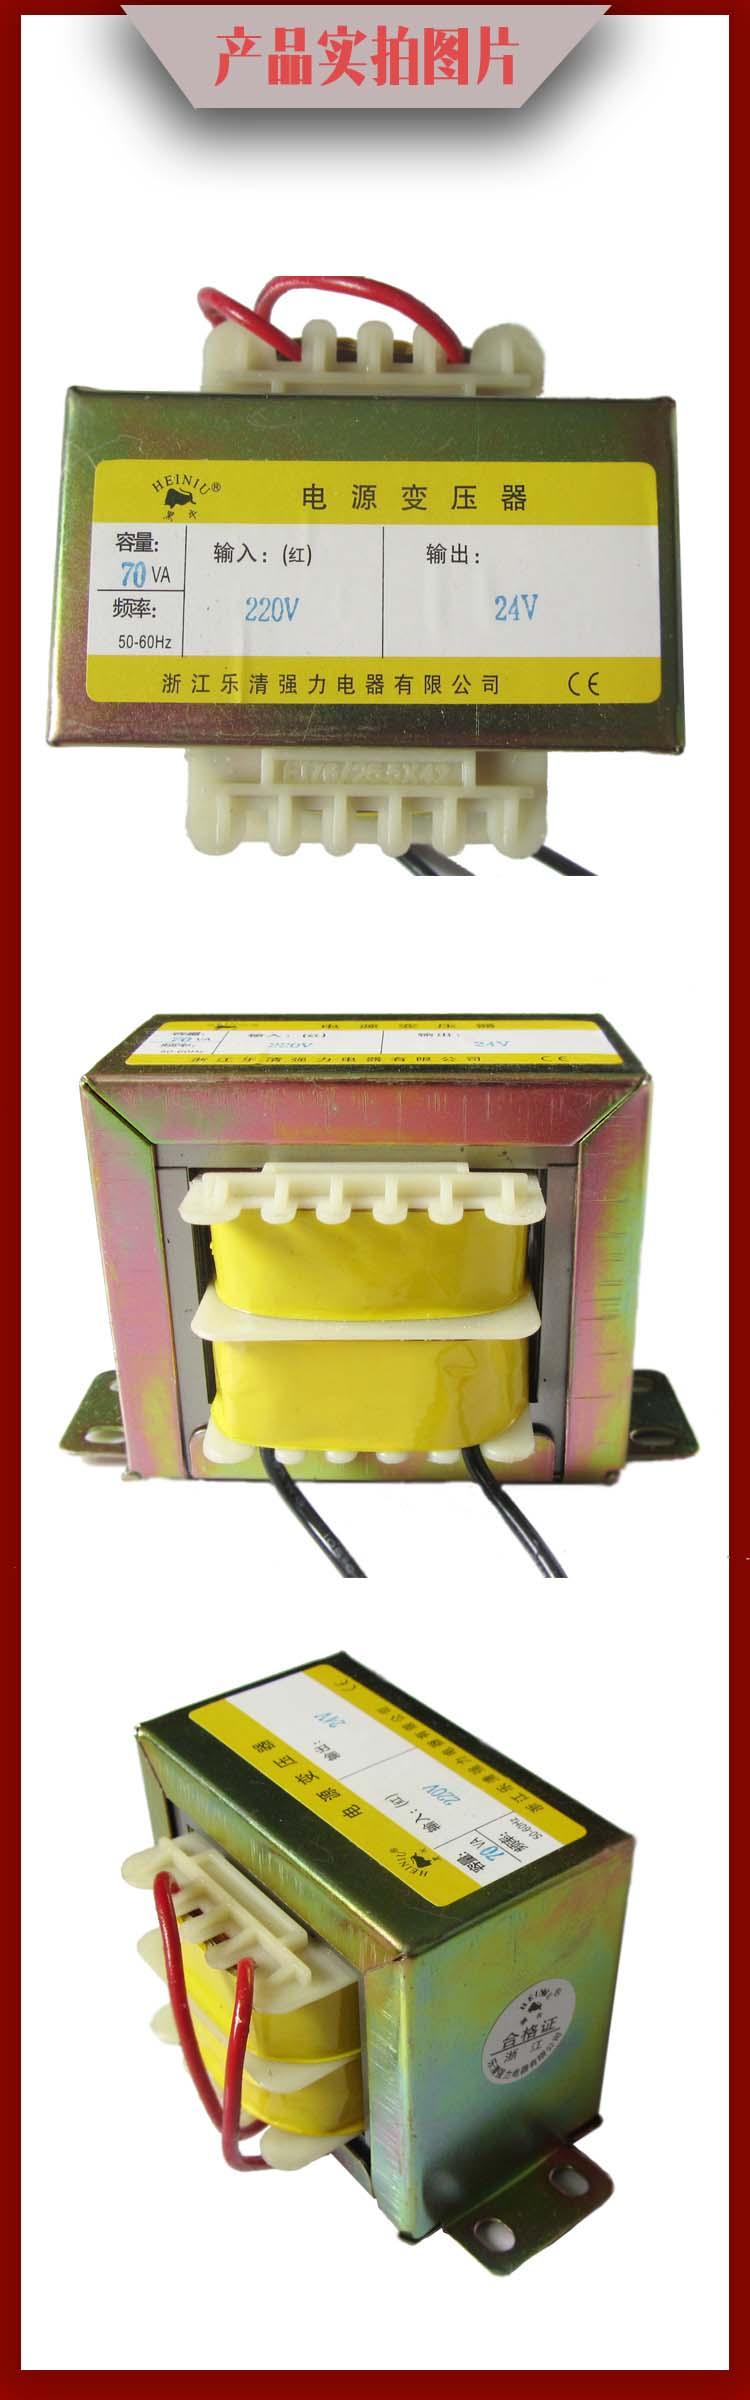 小型电源变压器-2